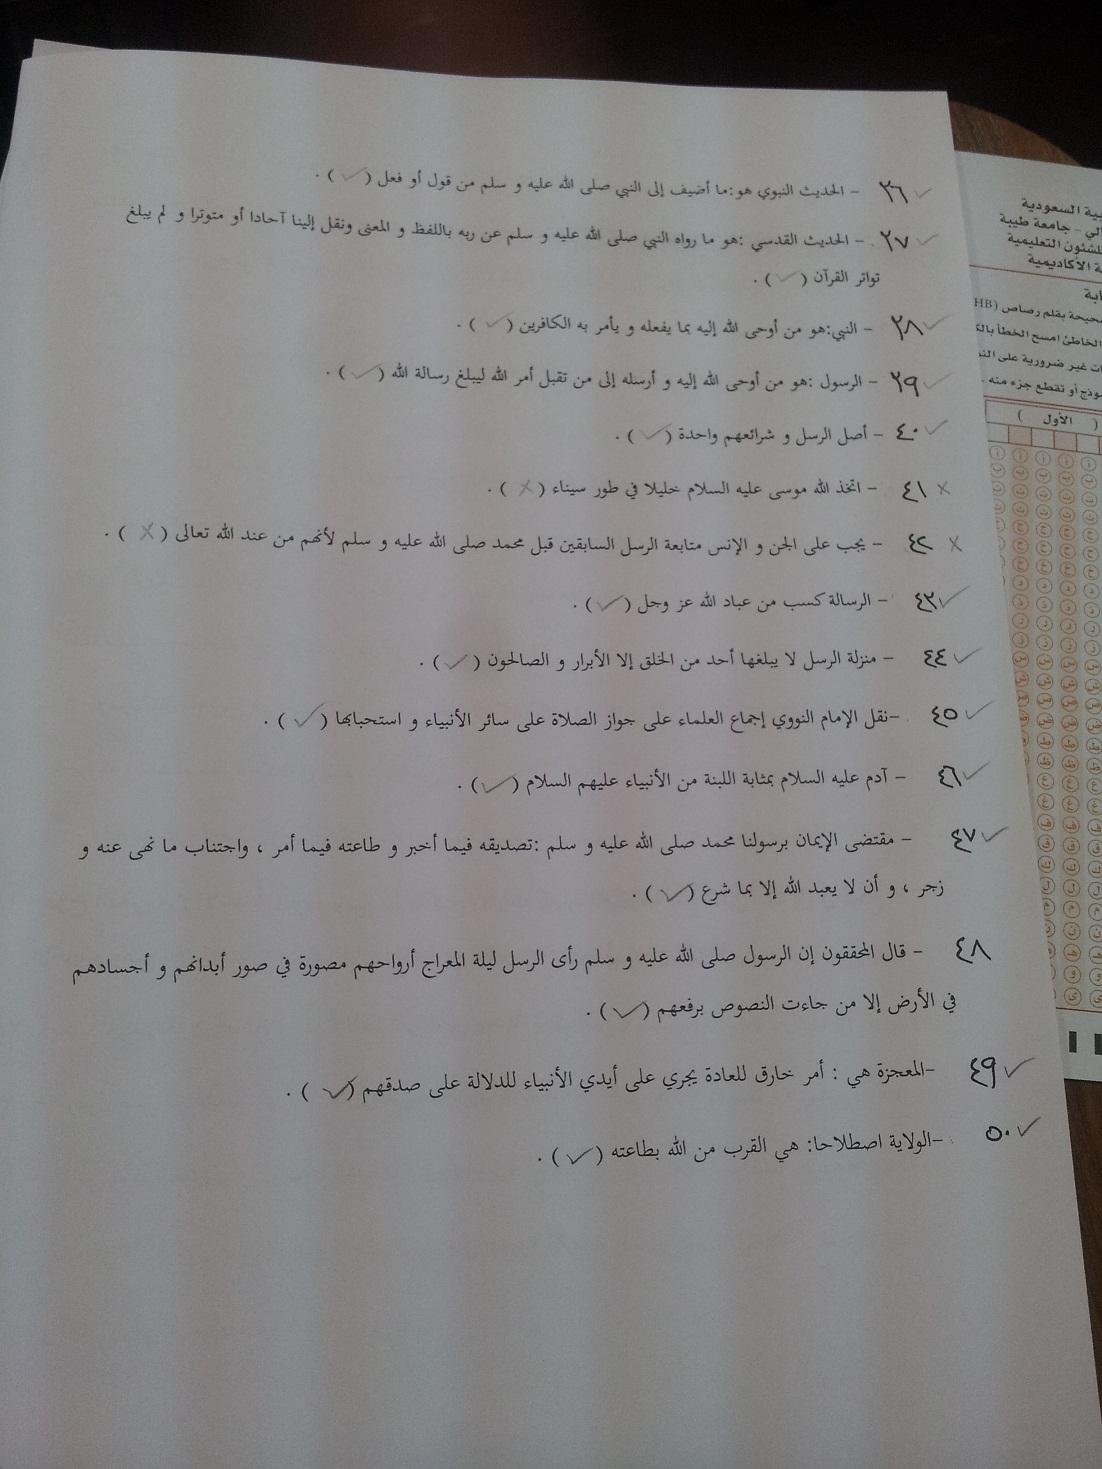 اسئلة اختبار مادة عقيدة (2) 4495.jpg